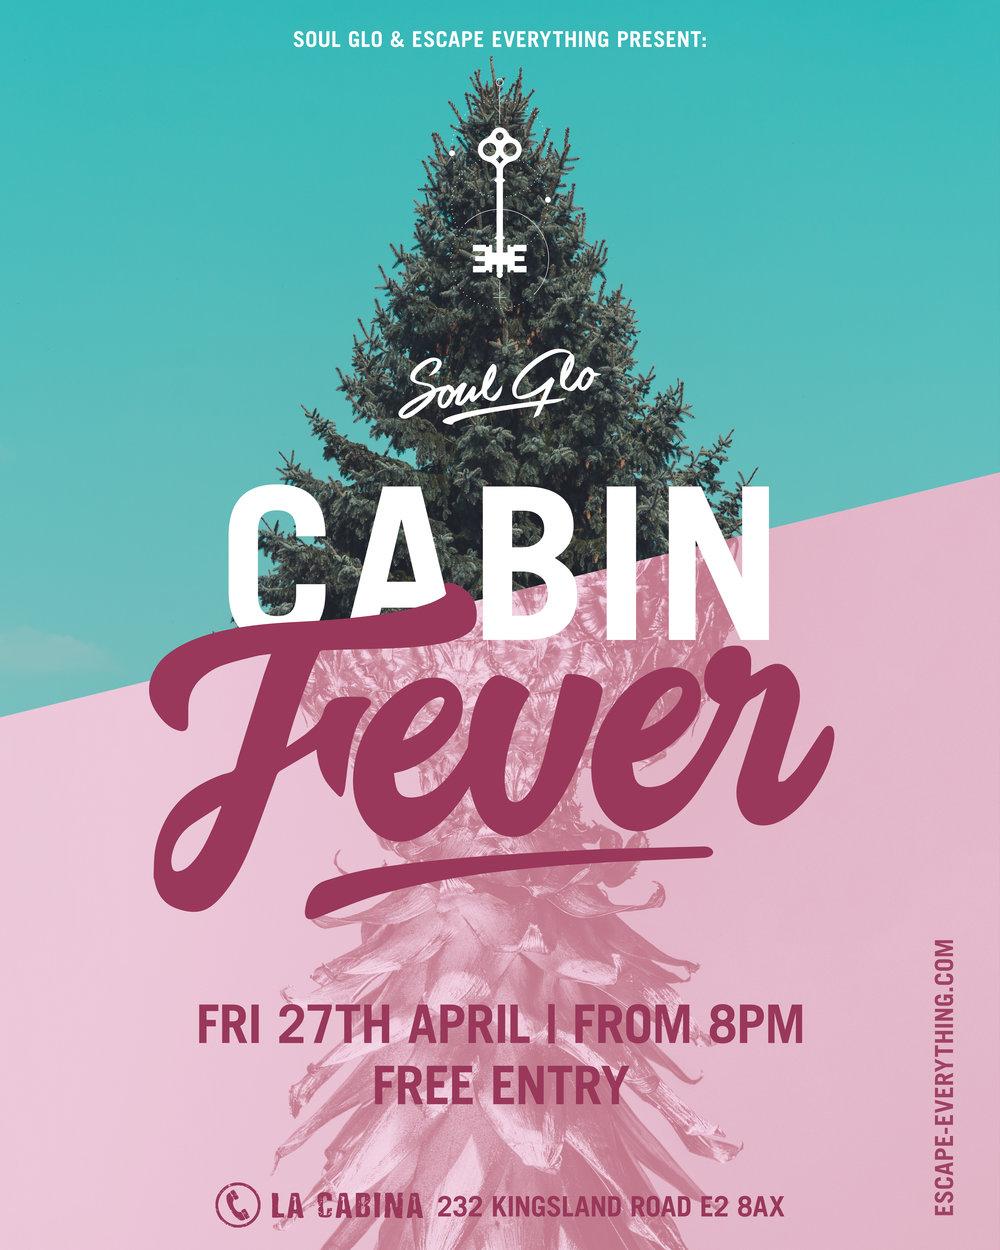 Cabin_Fever_0.1.jpg